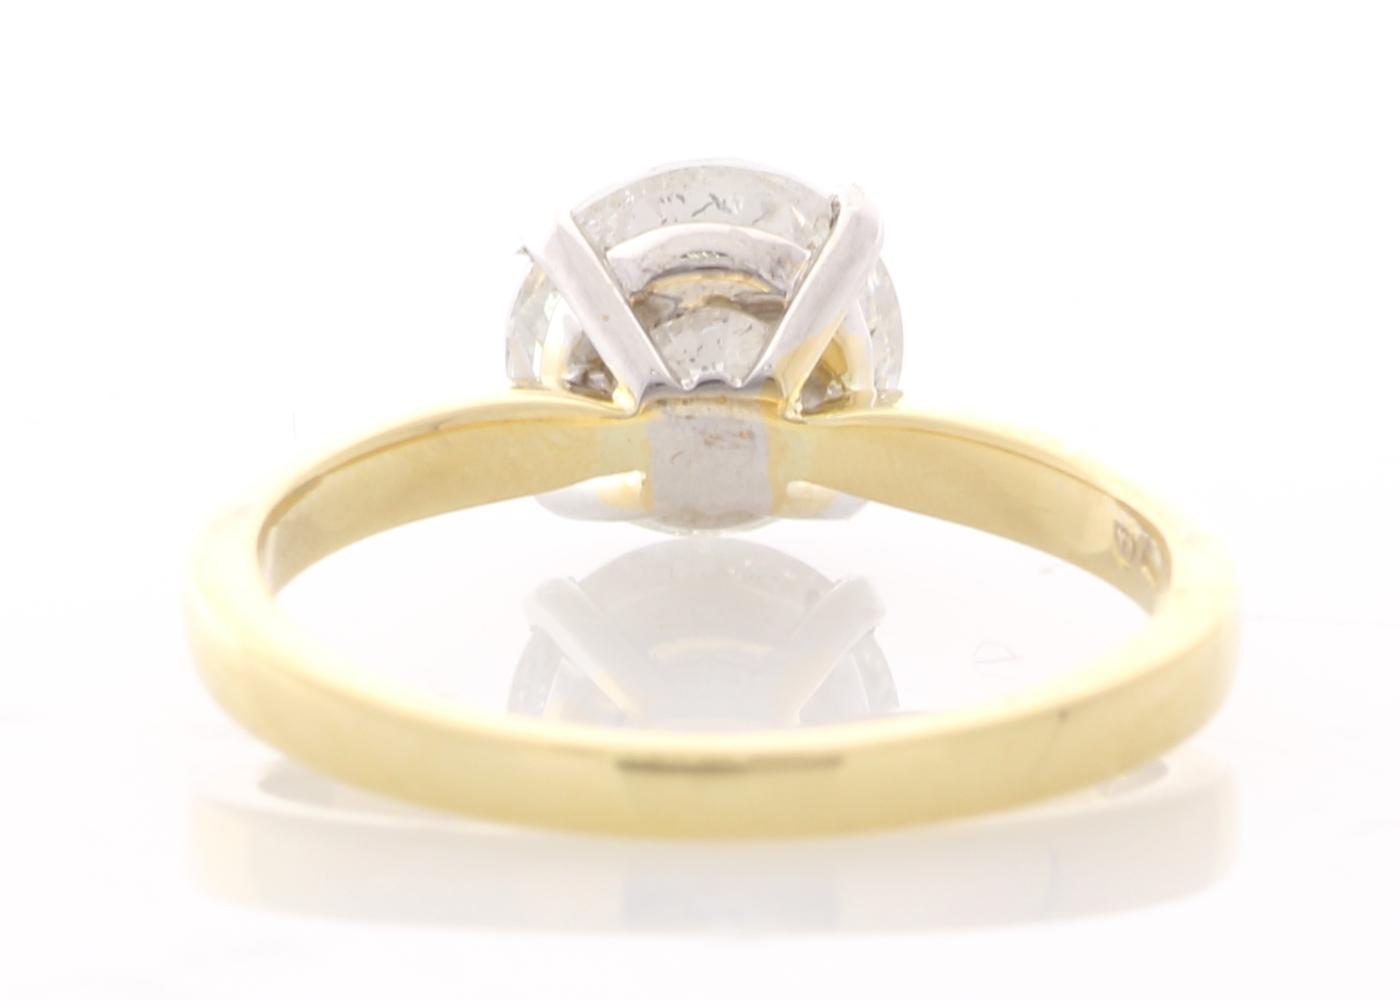 Lot 1 - 18ct Yellow Gold Single Stone Prong Set Diamond Ring 2.00 Carats